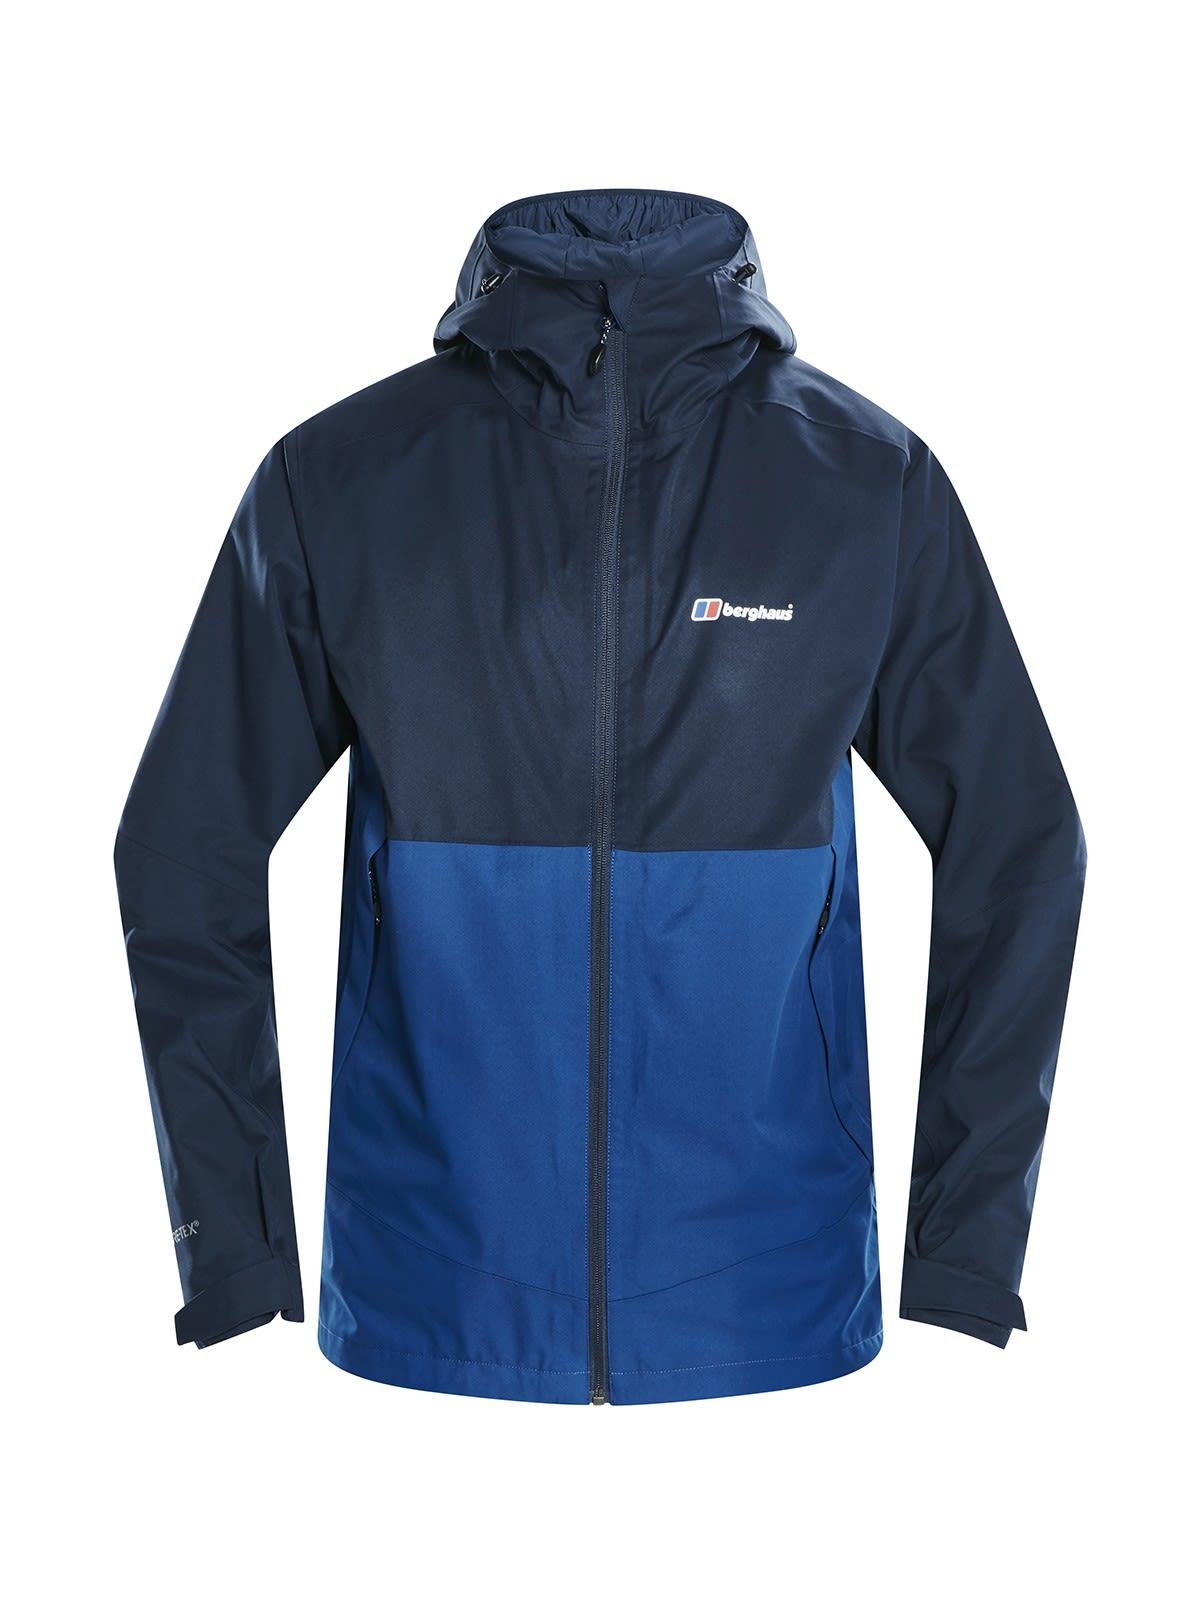 Berghaus Fellmaster 3in1 Jacket Blau, Male Gore-Tex® Doppeljacke-3-in-1-Jacke,